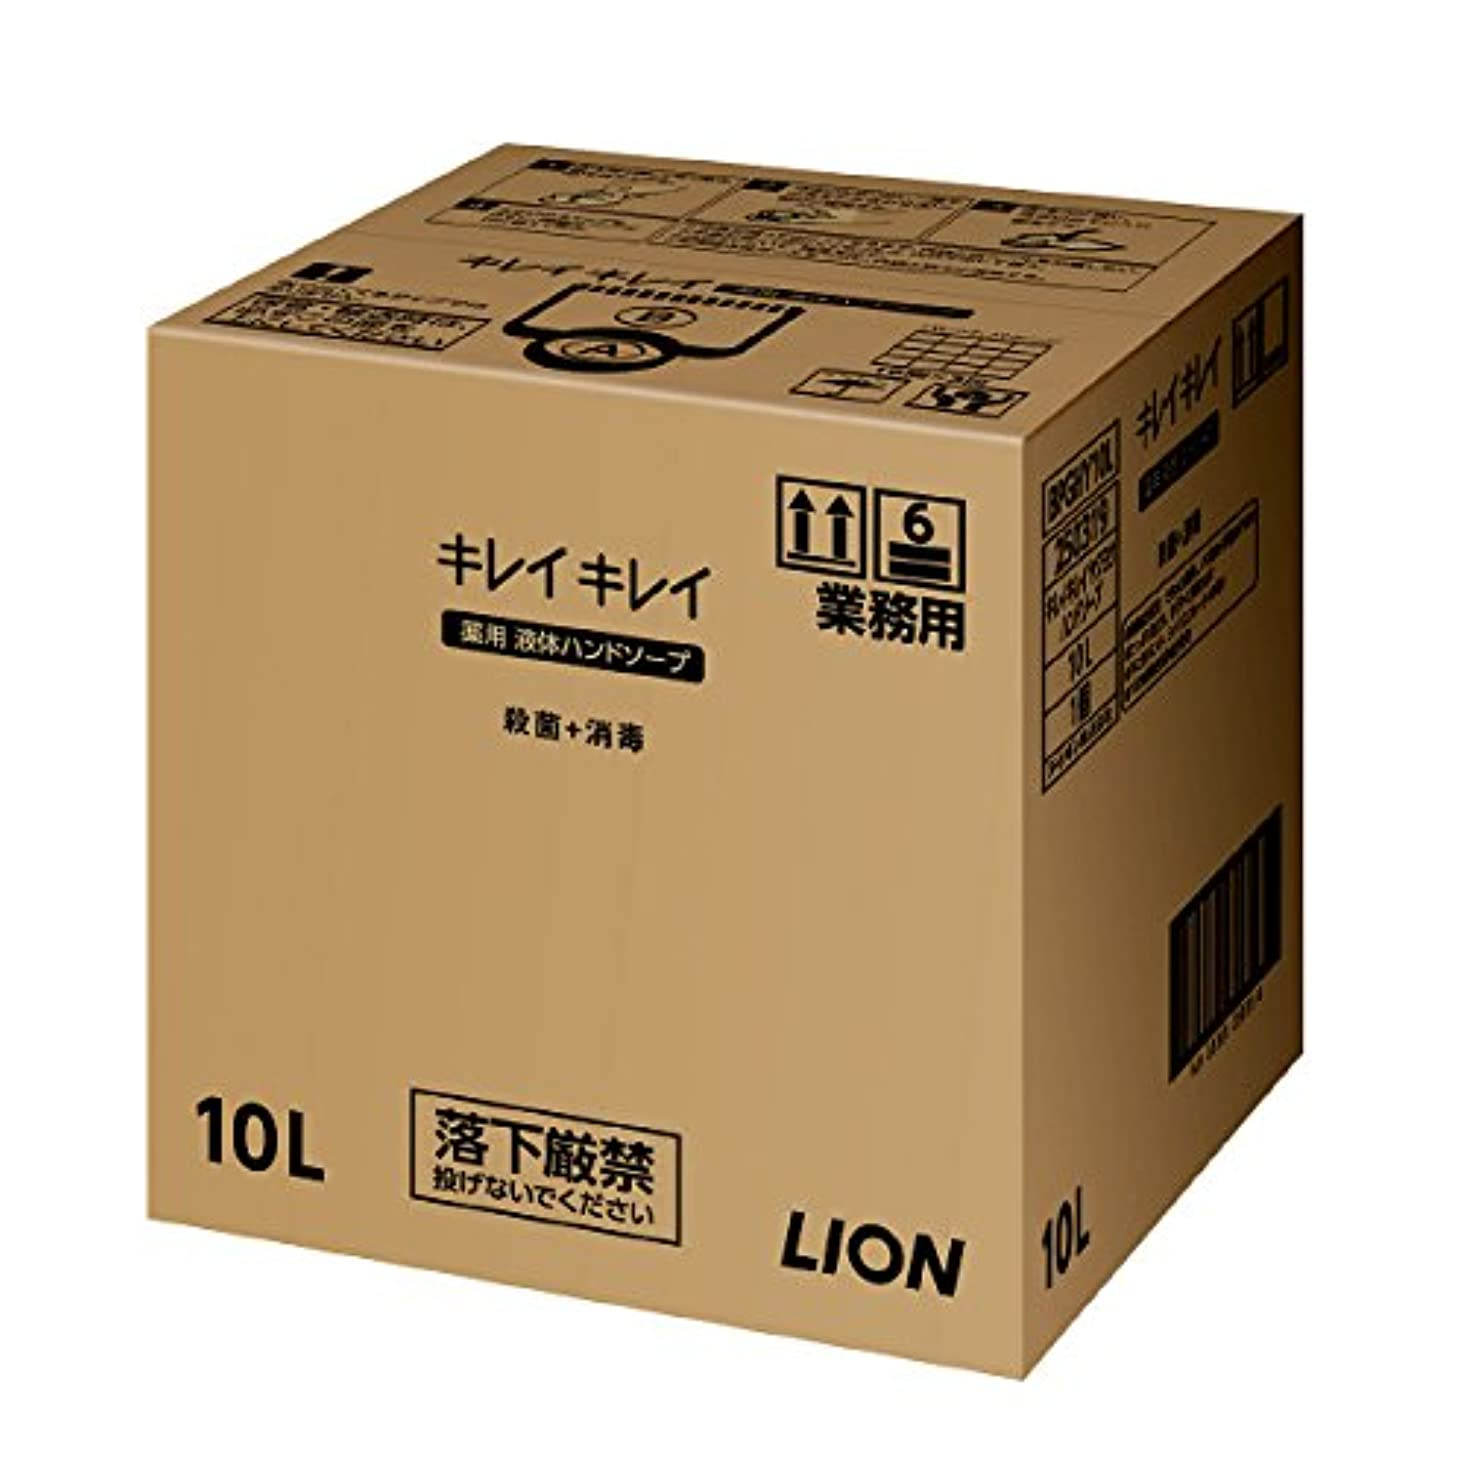 インゲンテレビ局クラブキレイキレイ薬用液体ハンドソープ10L(専用コック付き)